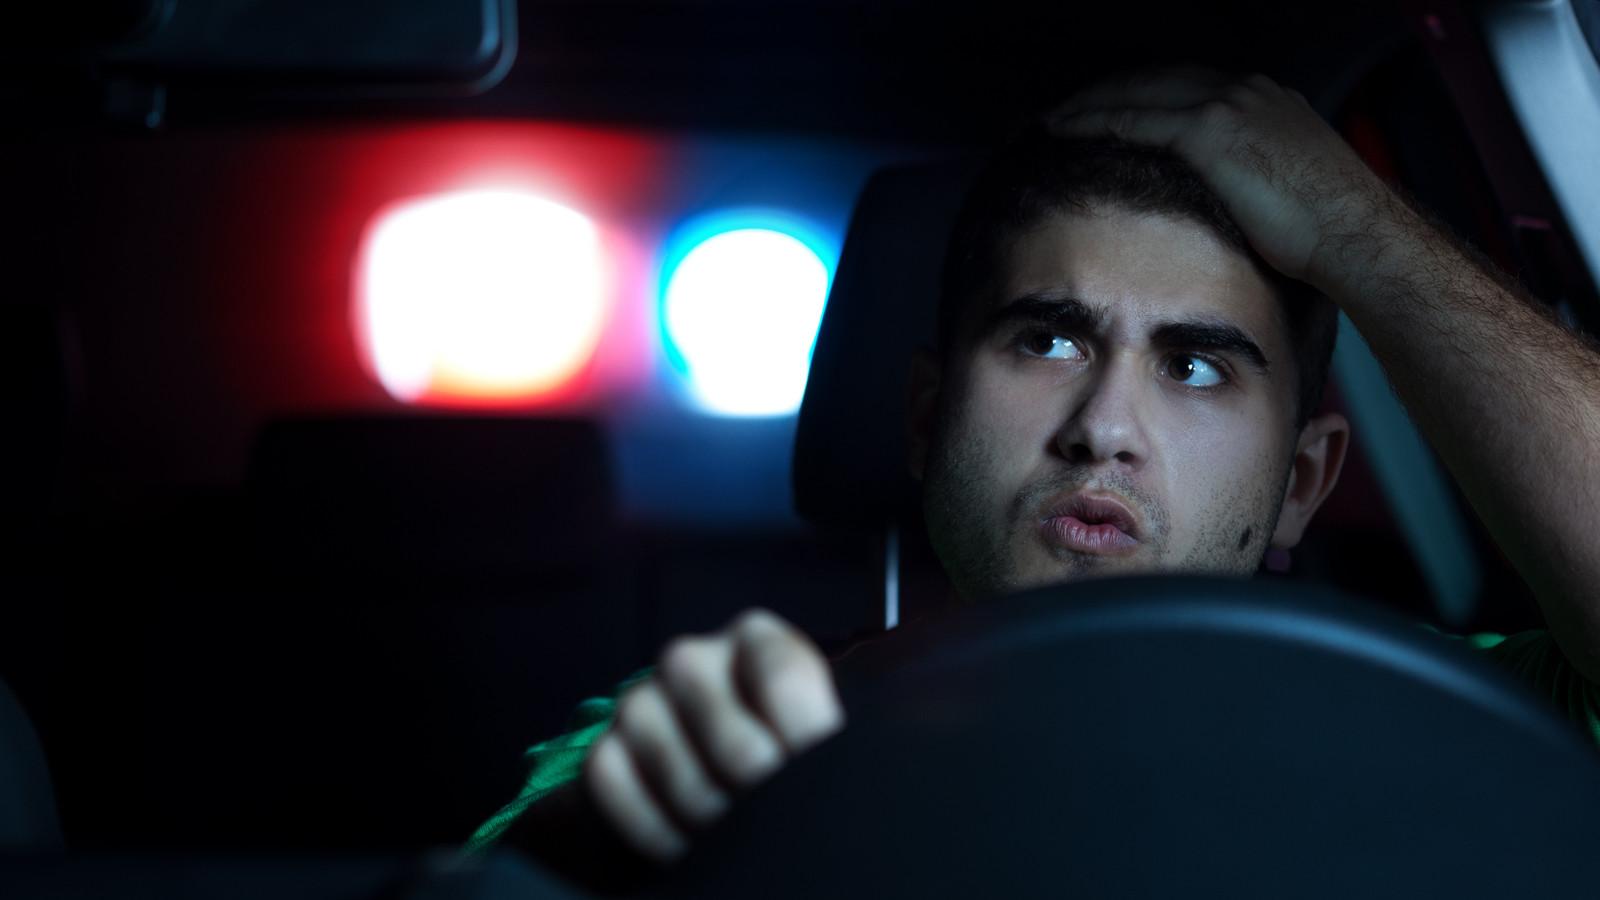 ВС позволил несправедливо оштрафованным любителям автомобилей требовать компенсацию морального ущерба